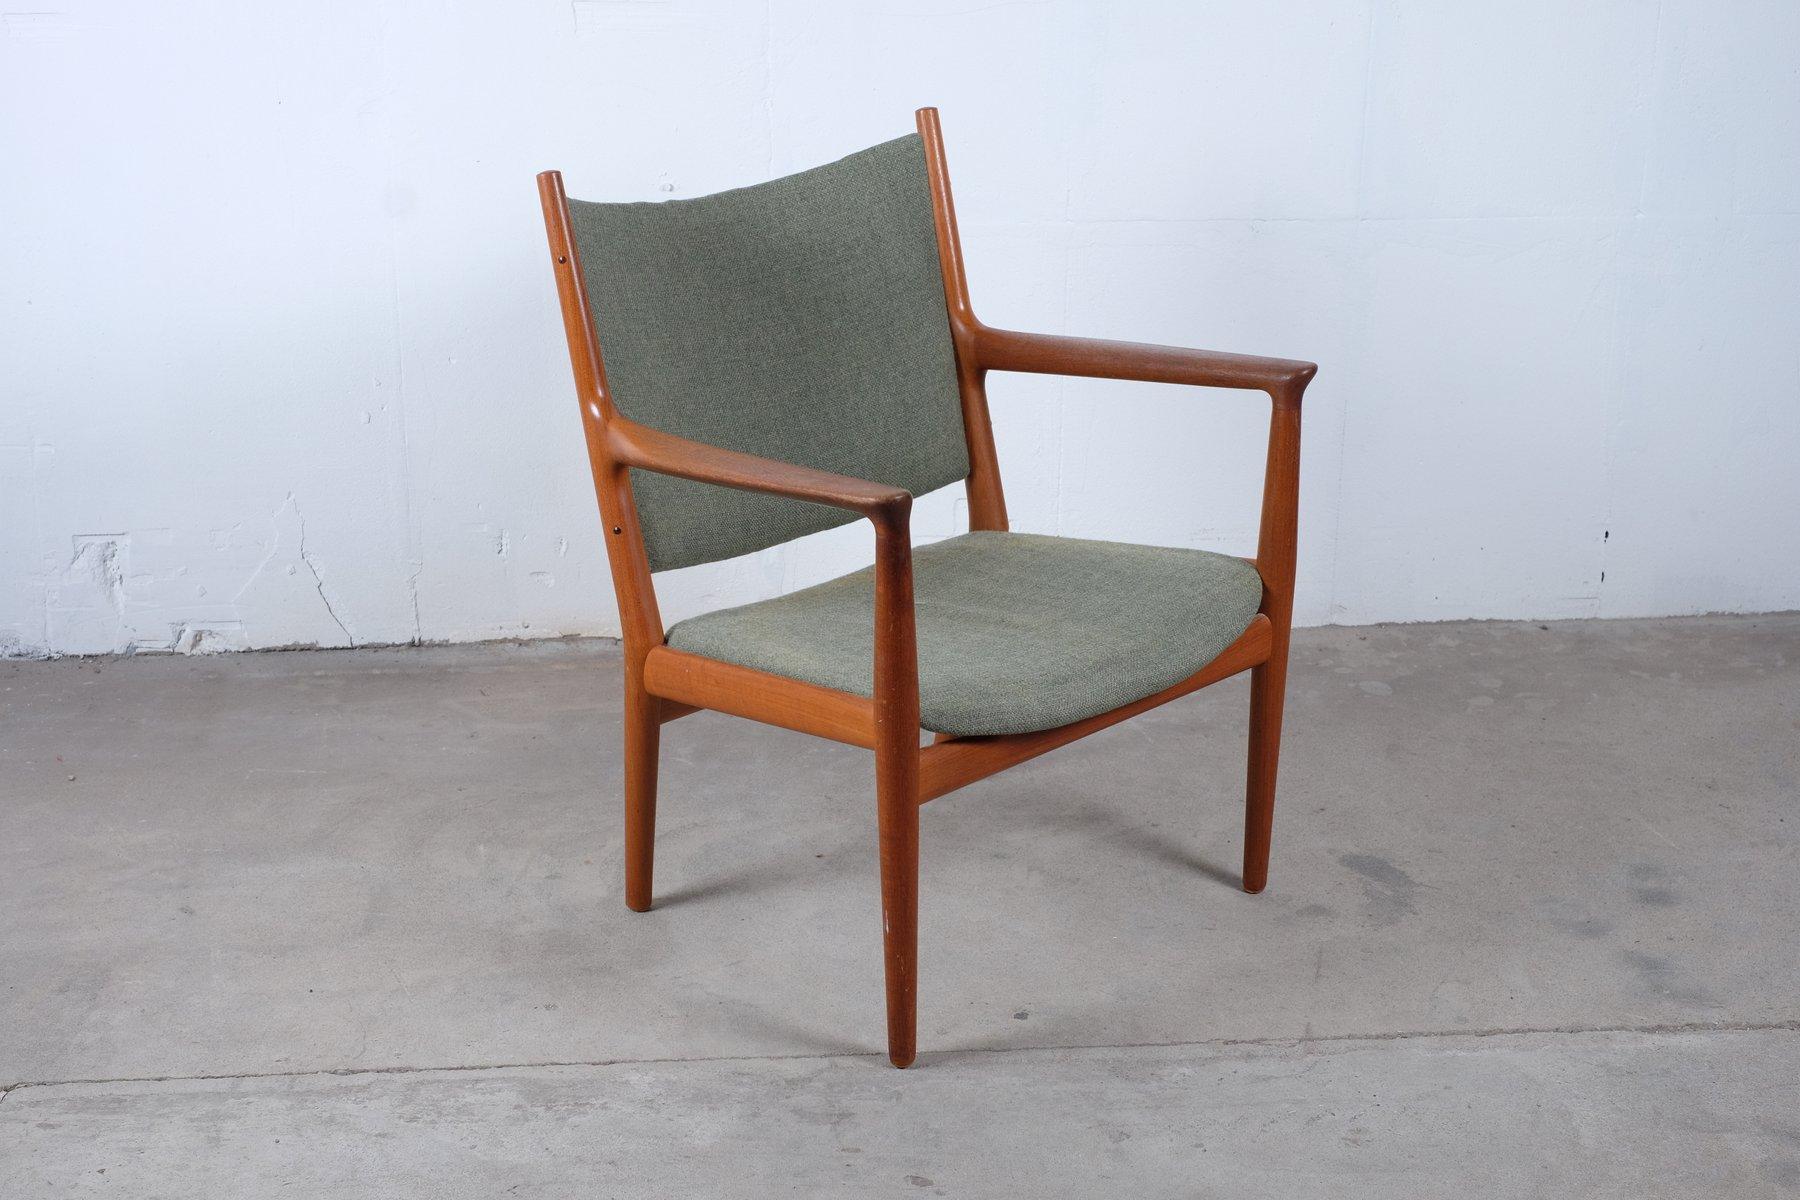 Vintage Model JH 713 Lounge Chair by Hans J Wegner for Johannes